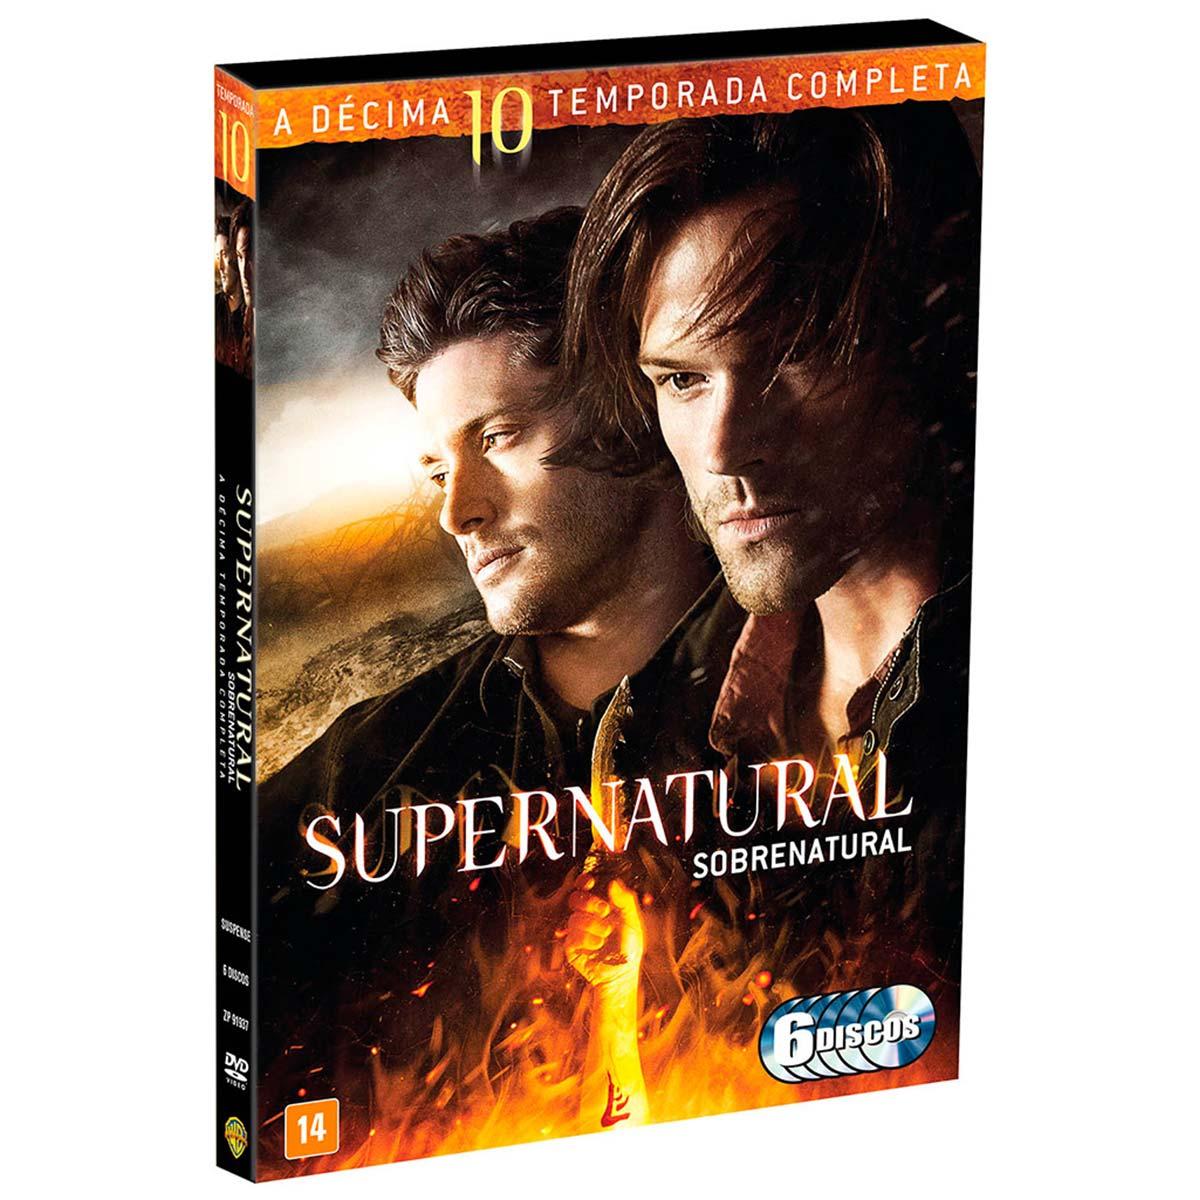 DVD Supernatural A Décima Temporada Completa